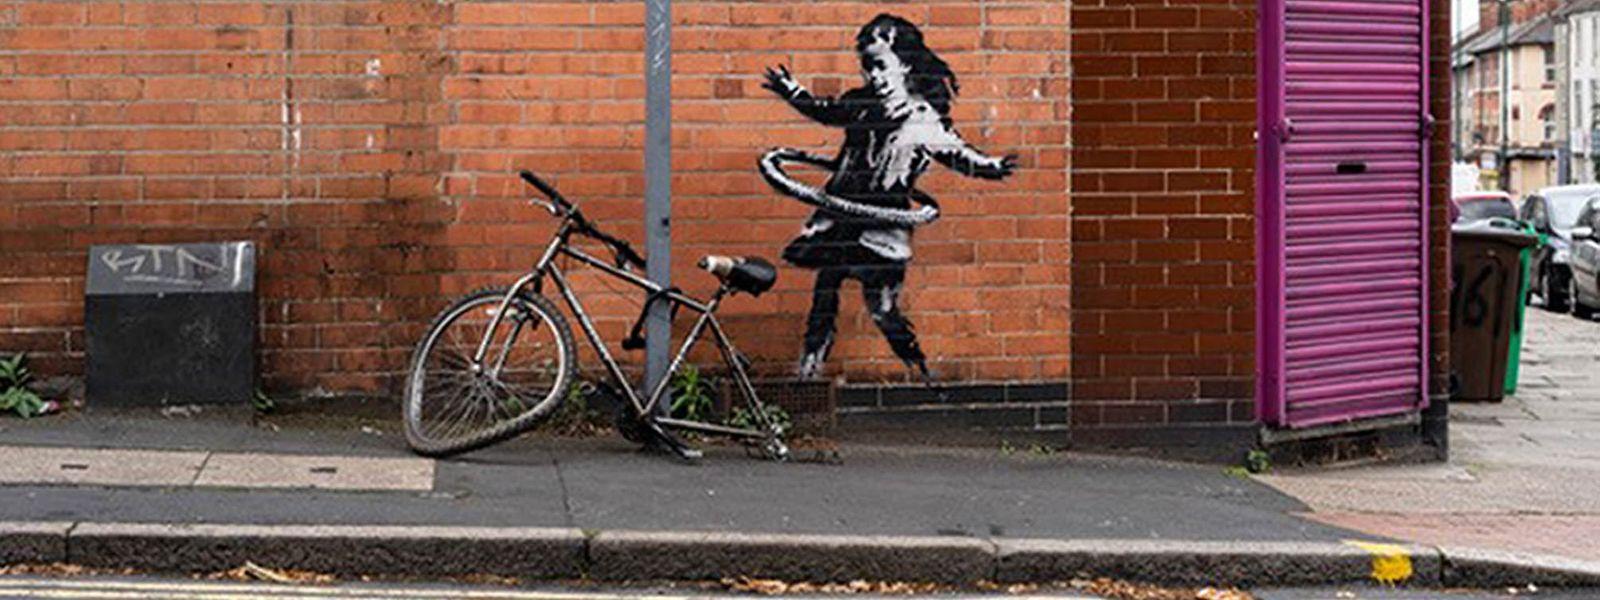 Das neueste Street-Art-Werk des britischen Künstlers Banksy auf einer Backsteinfassade in der Rothesay Avenue in Nottingham zeigt ein Mädchen, das mit einem Hula Hoop Reifen spielt.